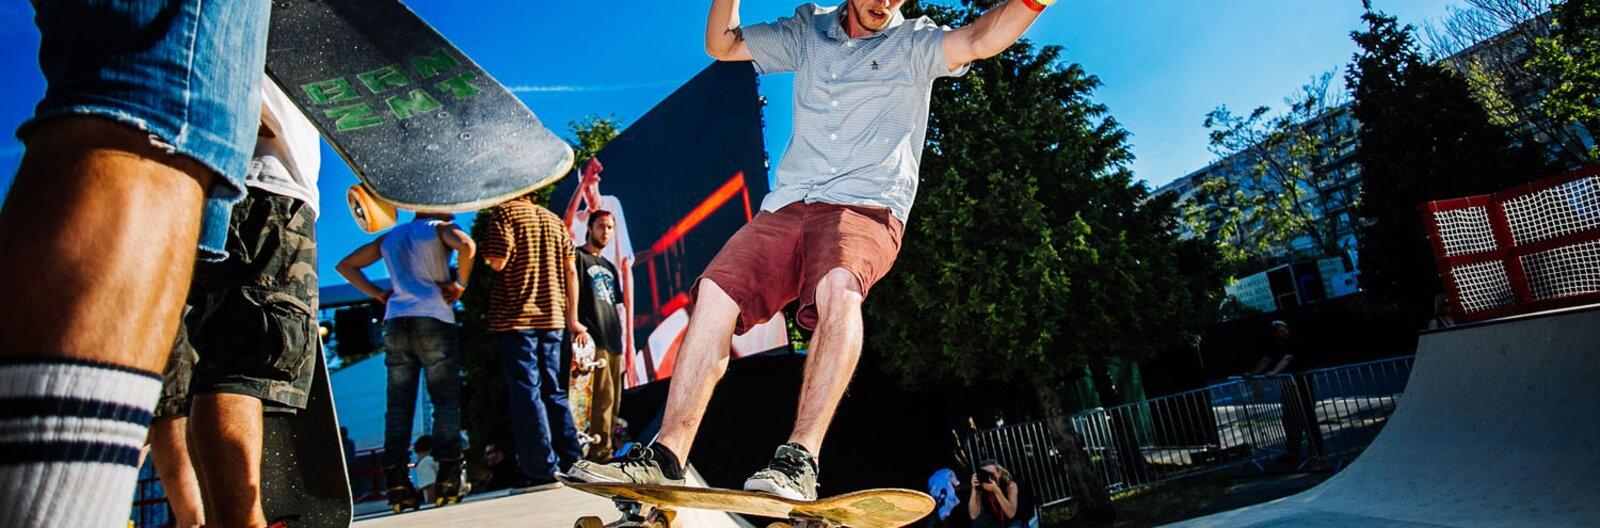 The best skateparks in Budapest